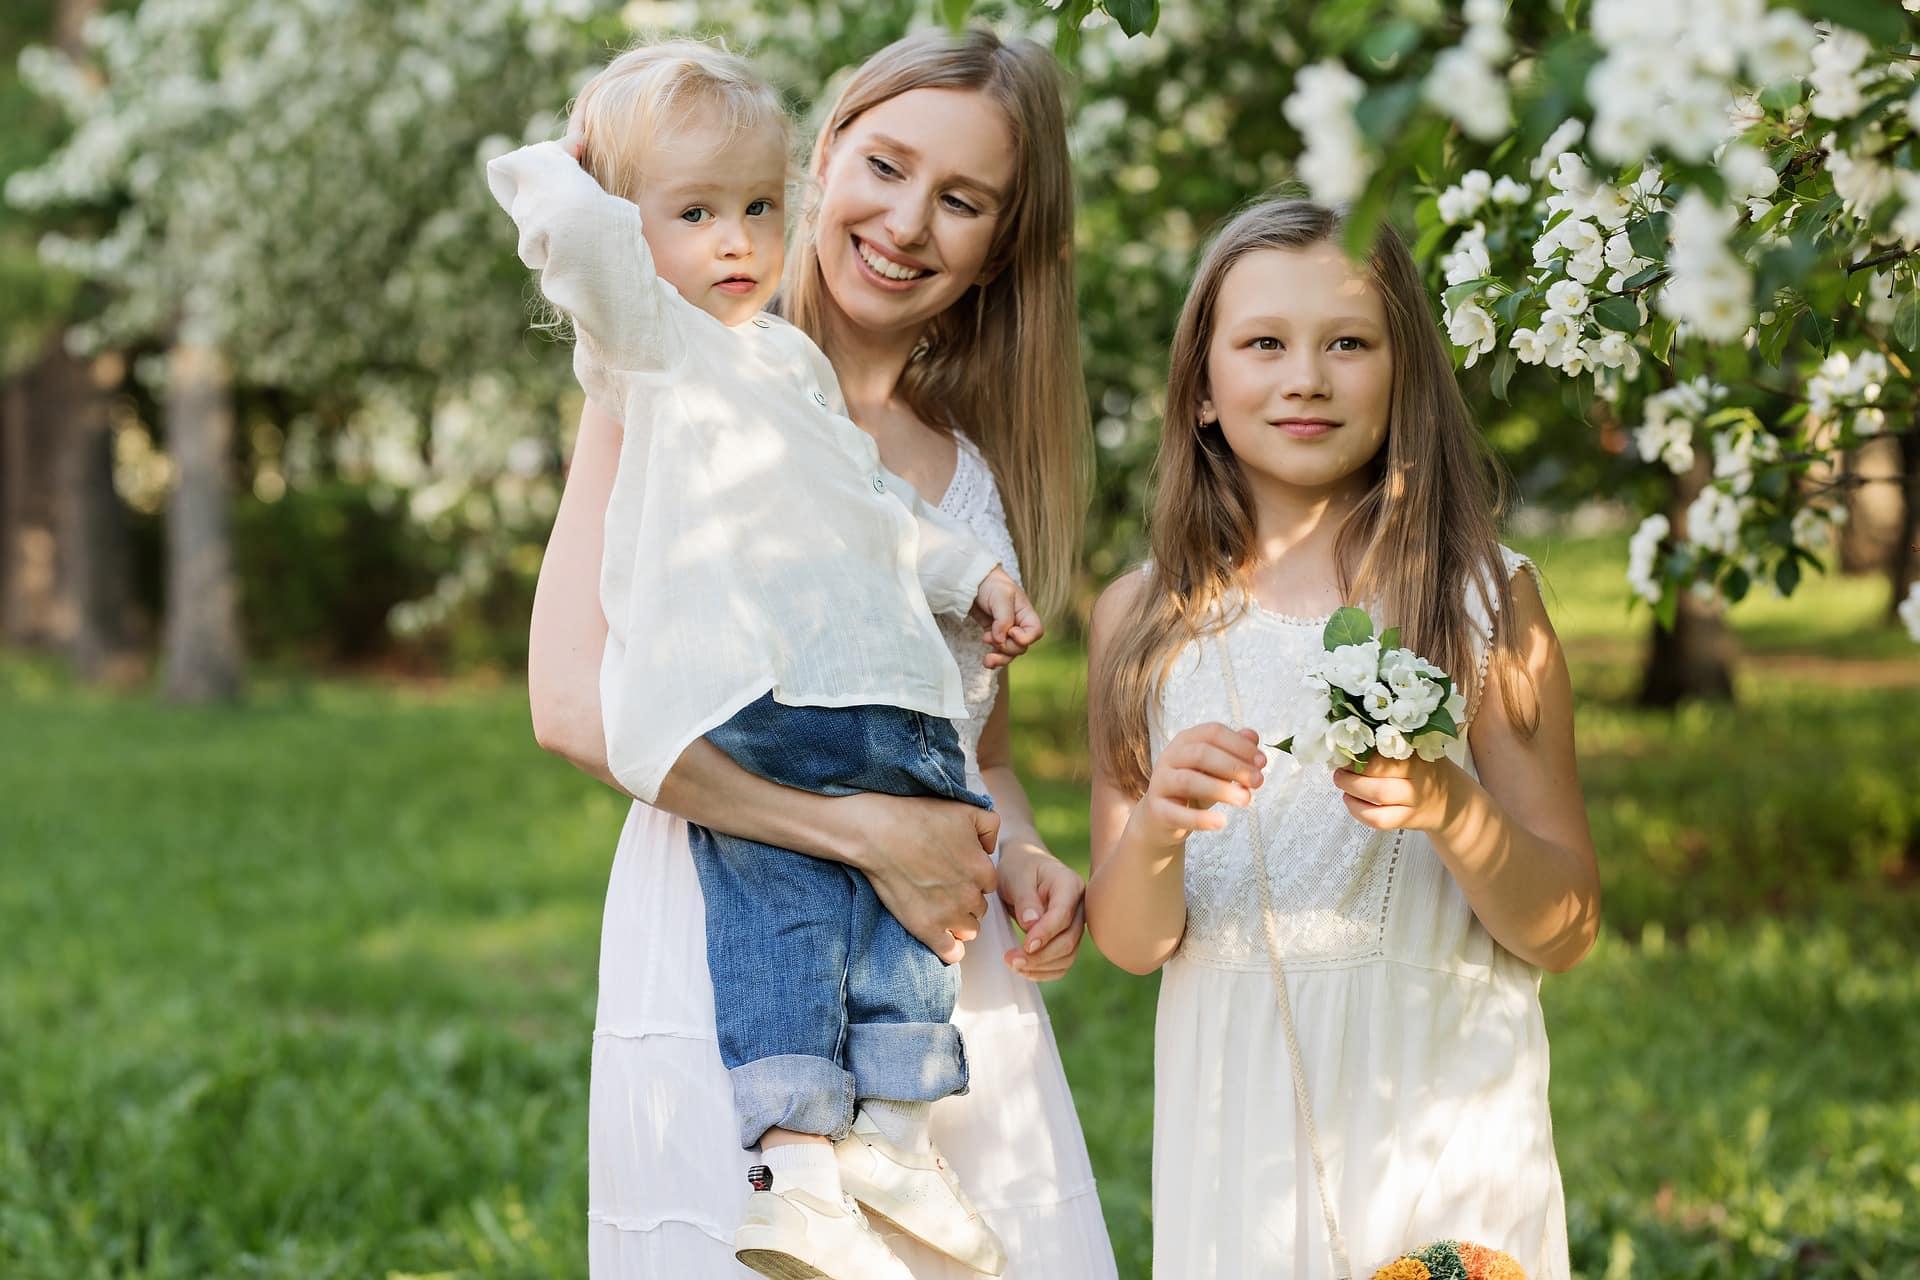 Начиная строить отношения с разведенной женщиной с двумя детьми, нужно понимать: ребенок для матери важнее второй половинки